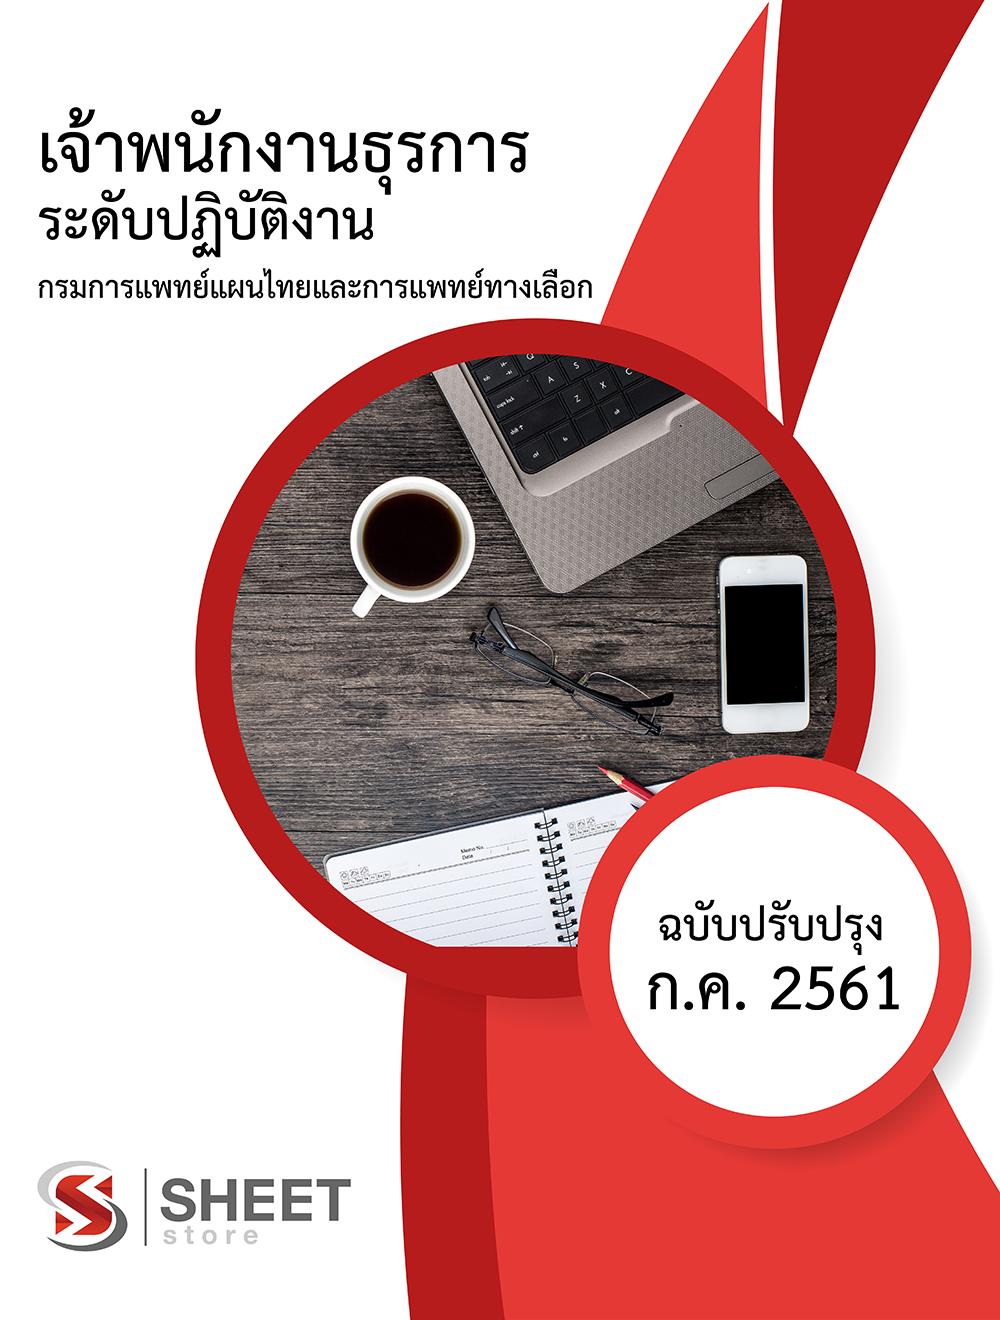 แนวข้อสอบ เจ้าพนักงานธุรการปฏิบัติงาน กรมการแพทย์แผนไทยและการแพทย์ทางเลือก พร้อมเฉลย